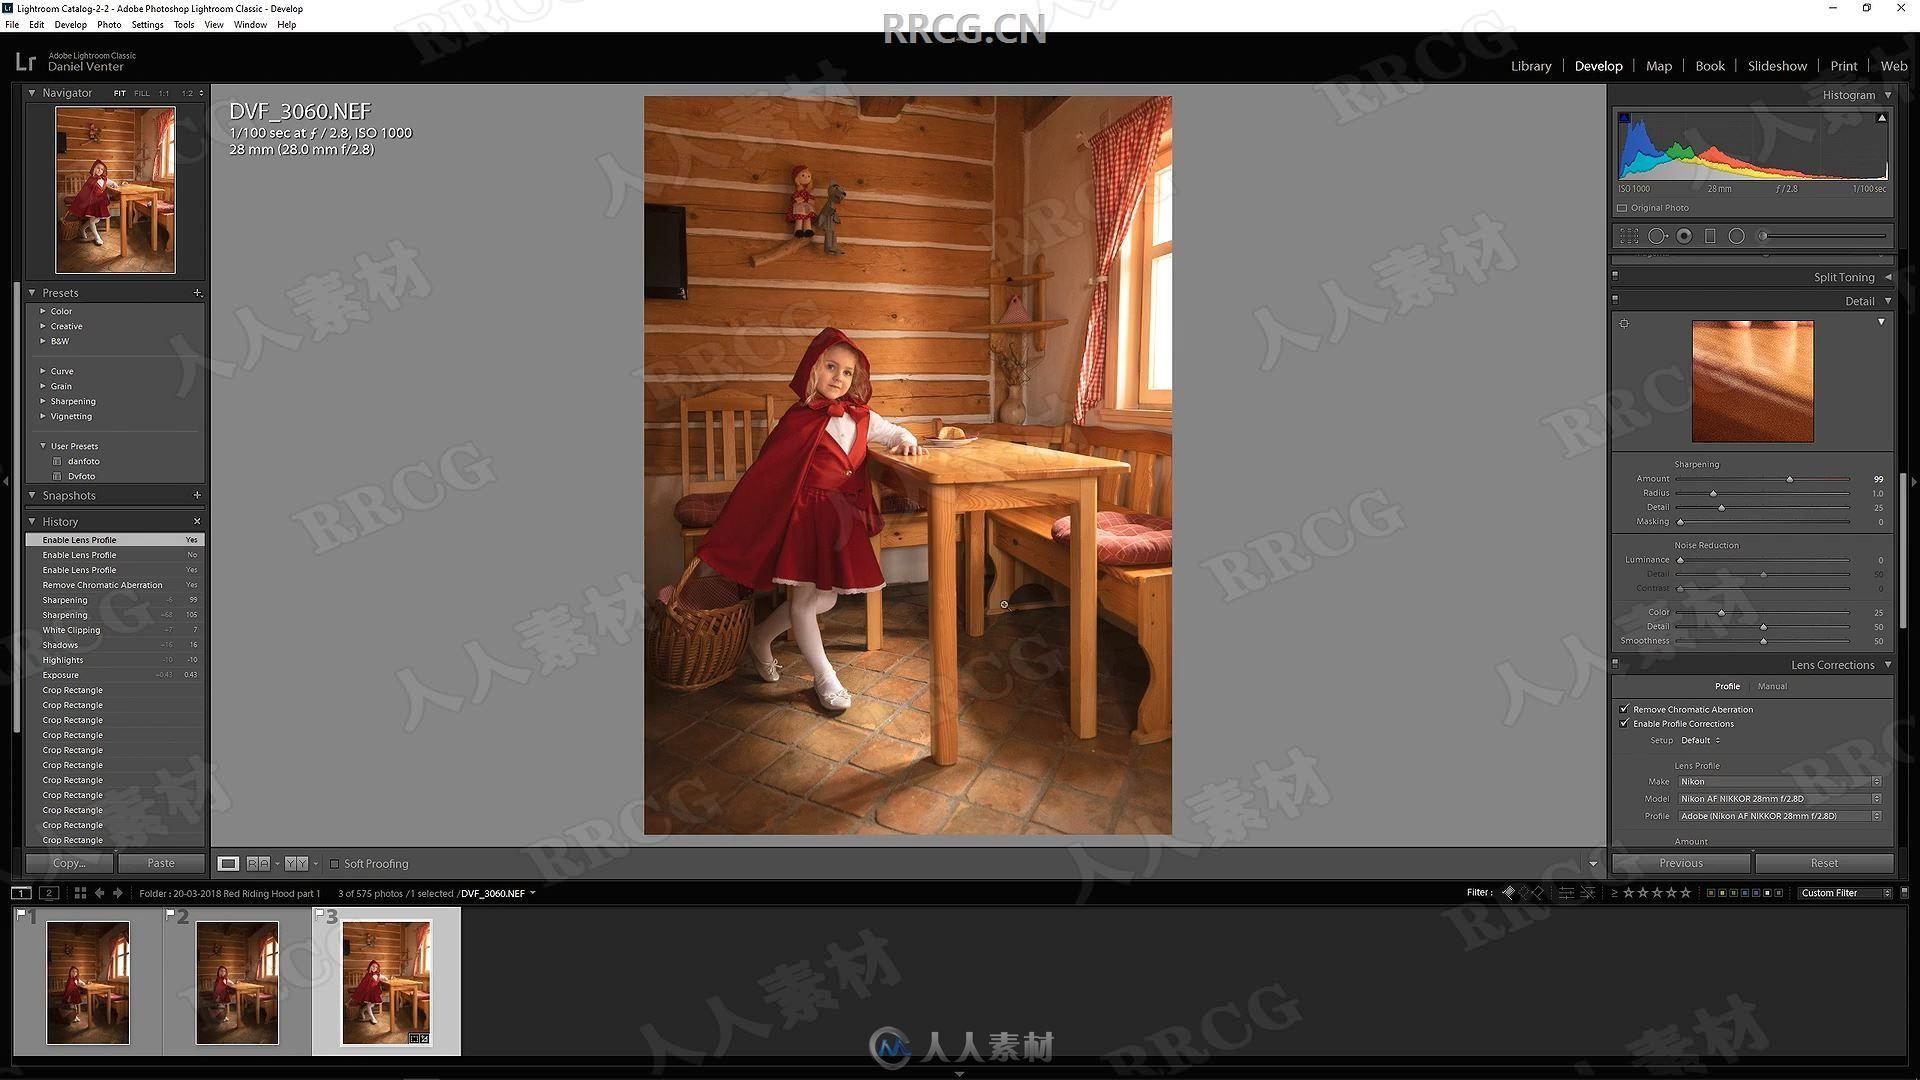 Lightroom小红帽主题人像童话效果摄影后期处理视频教程